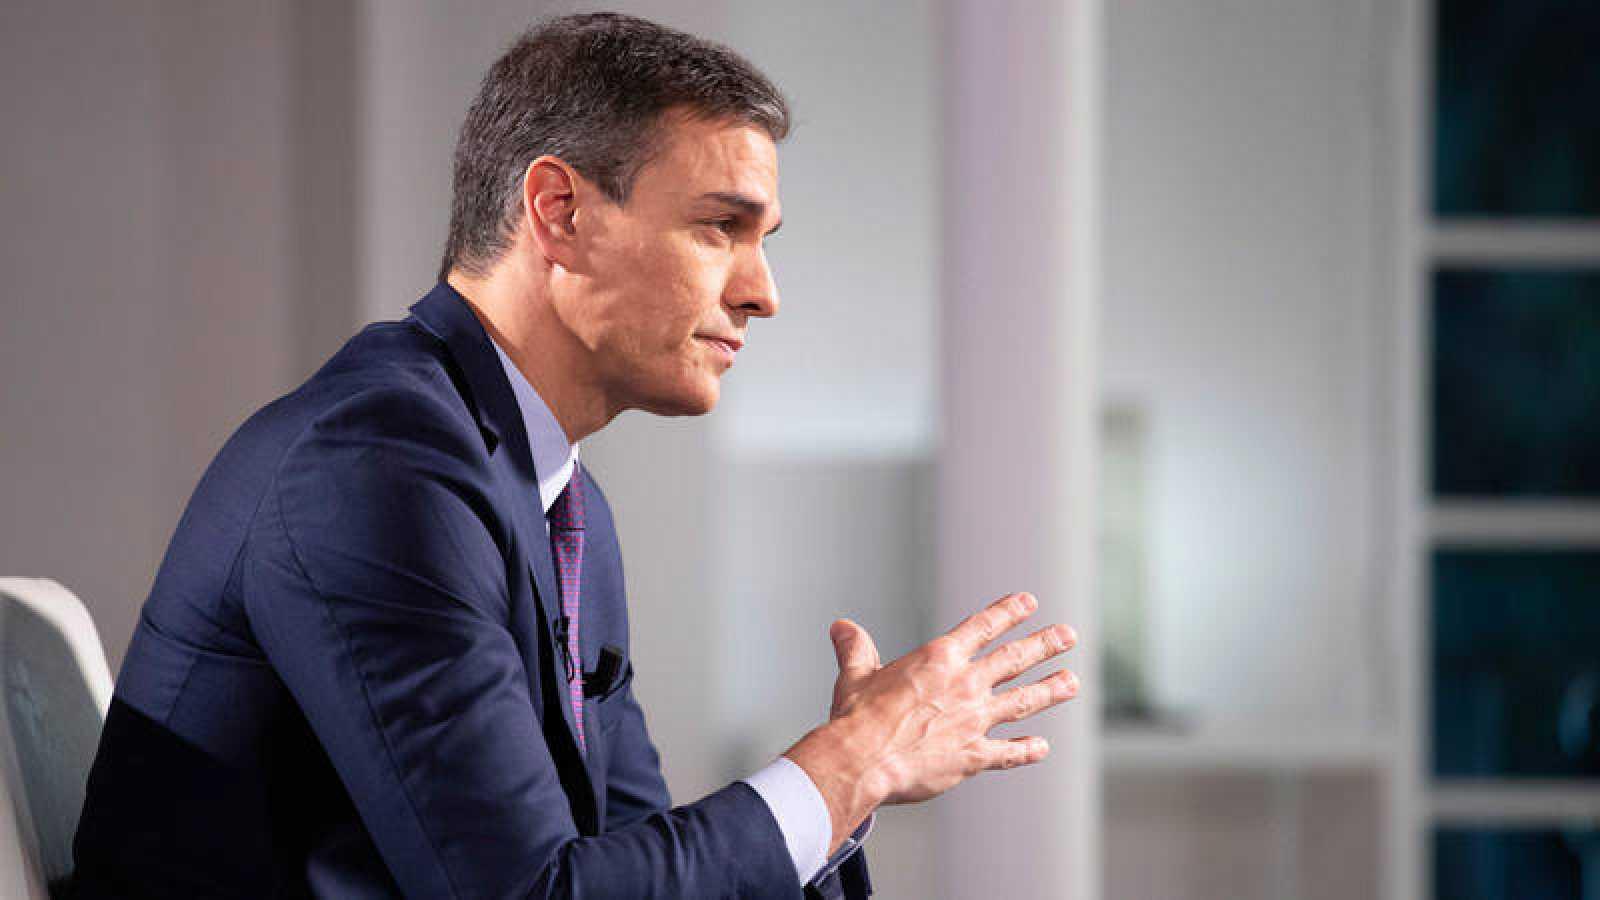 El presidente del Gobierno, Pedro Sánchez, en una entrevista con RTVE en el palacio de la Moncloa